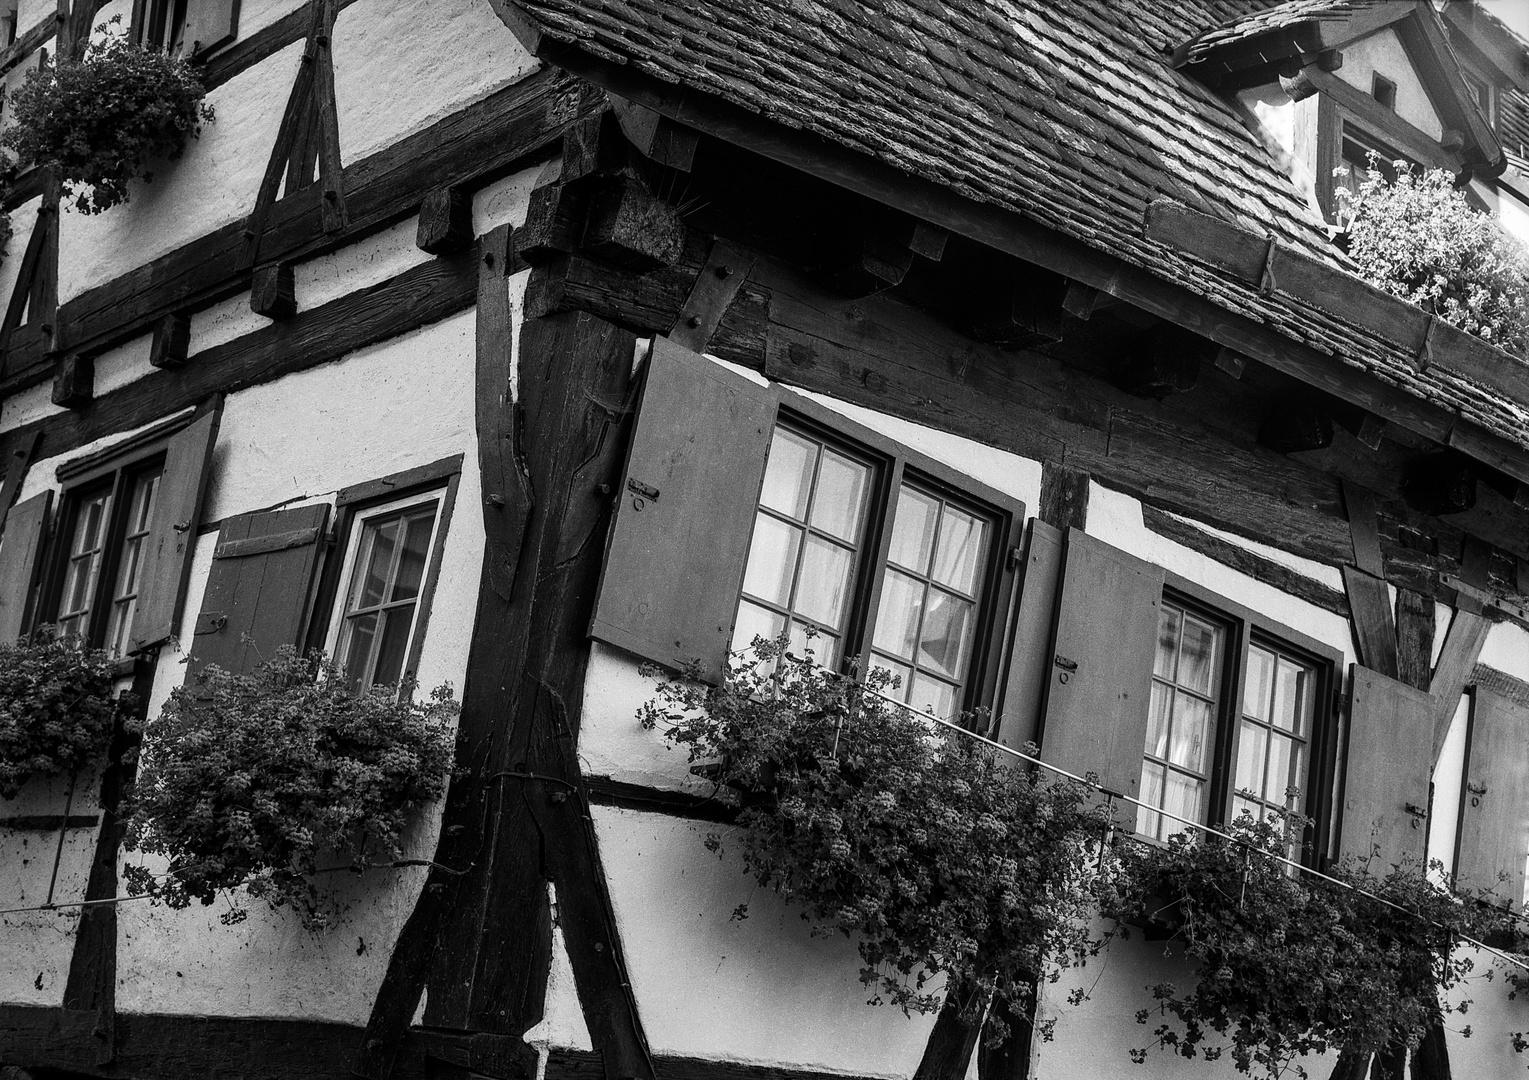 Ulmer Schiefhaus